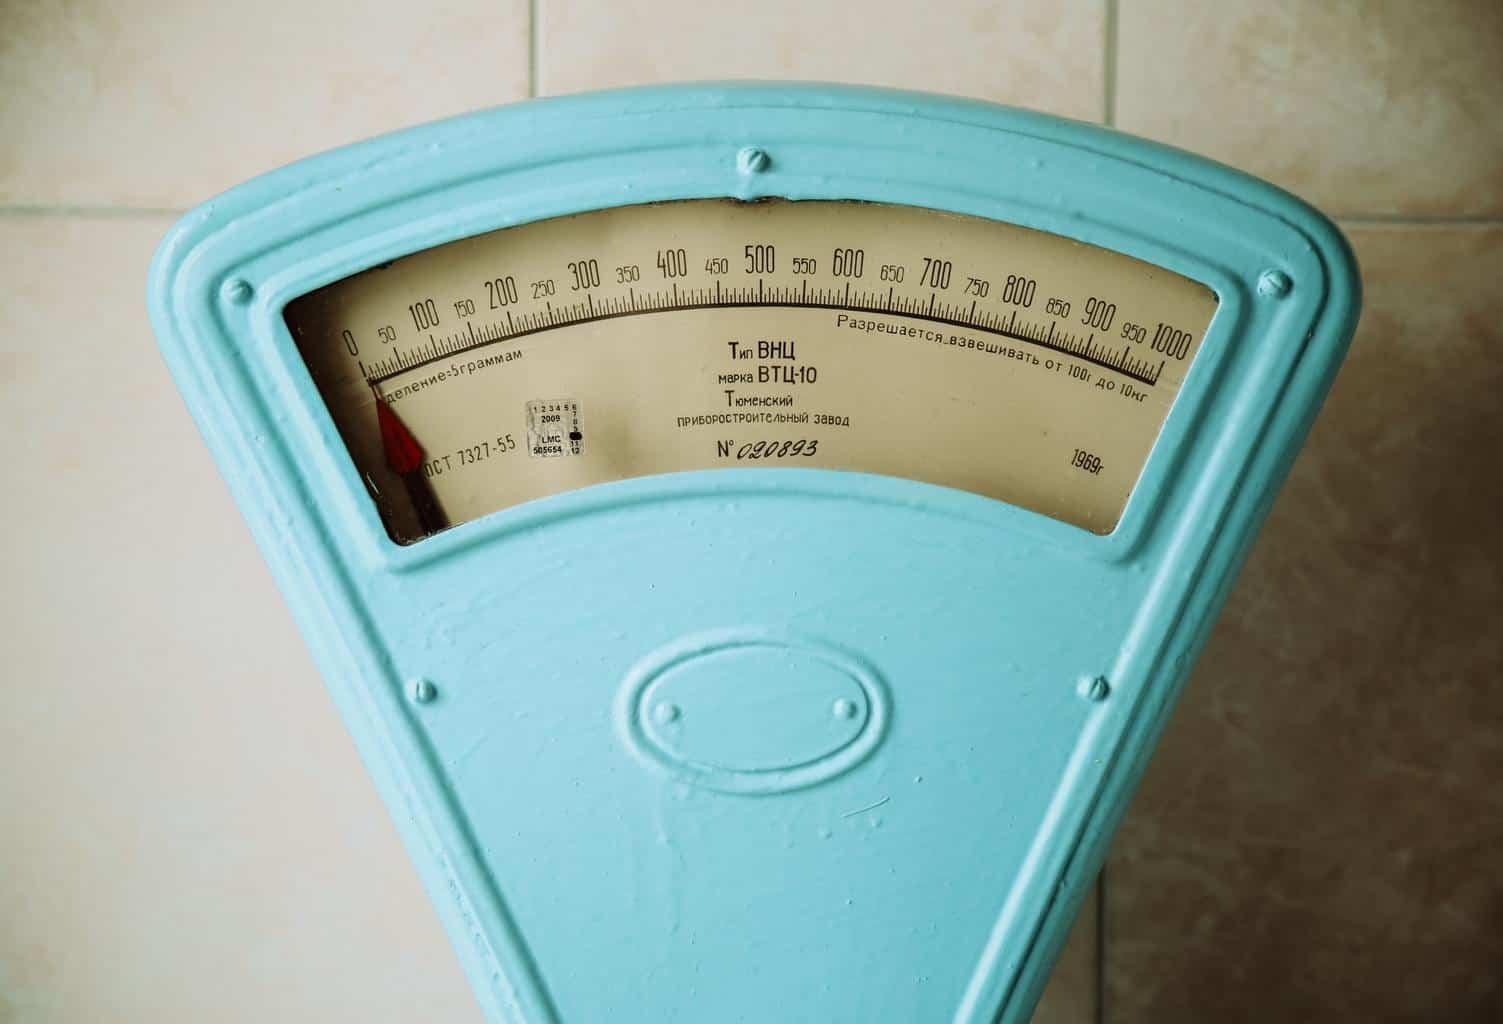 Keukenmachine met weegschaal